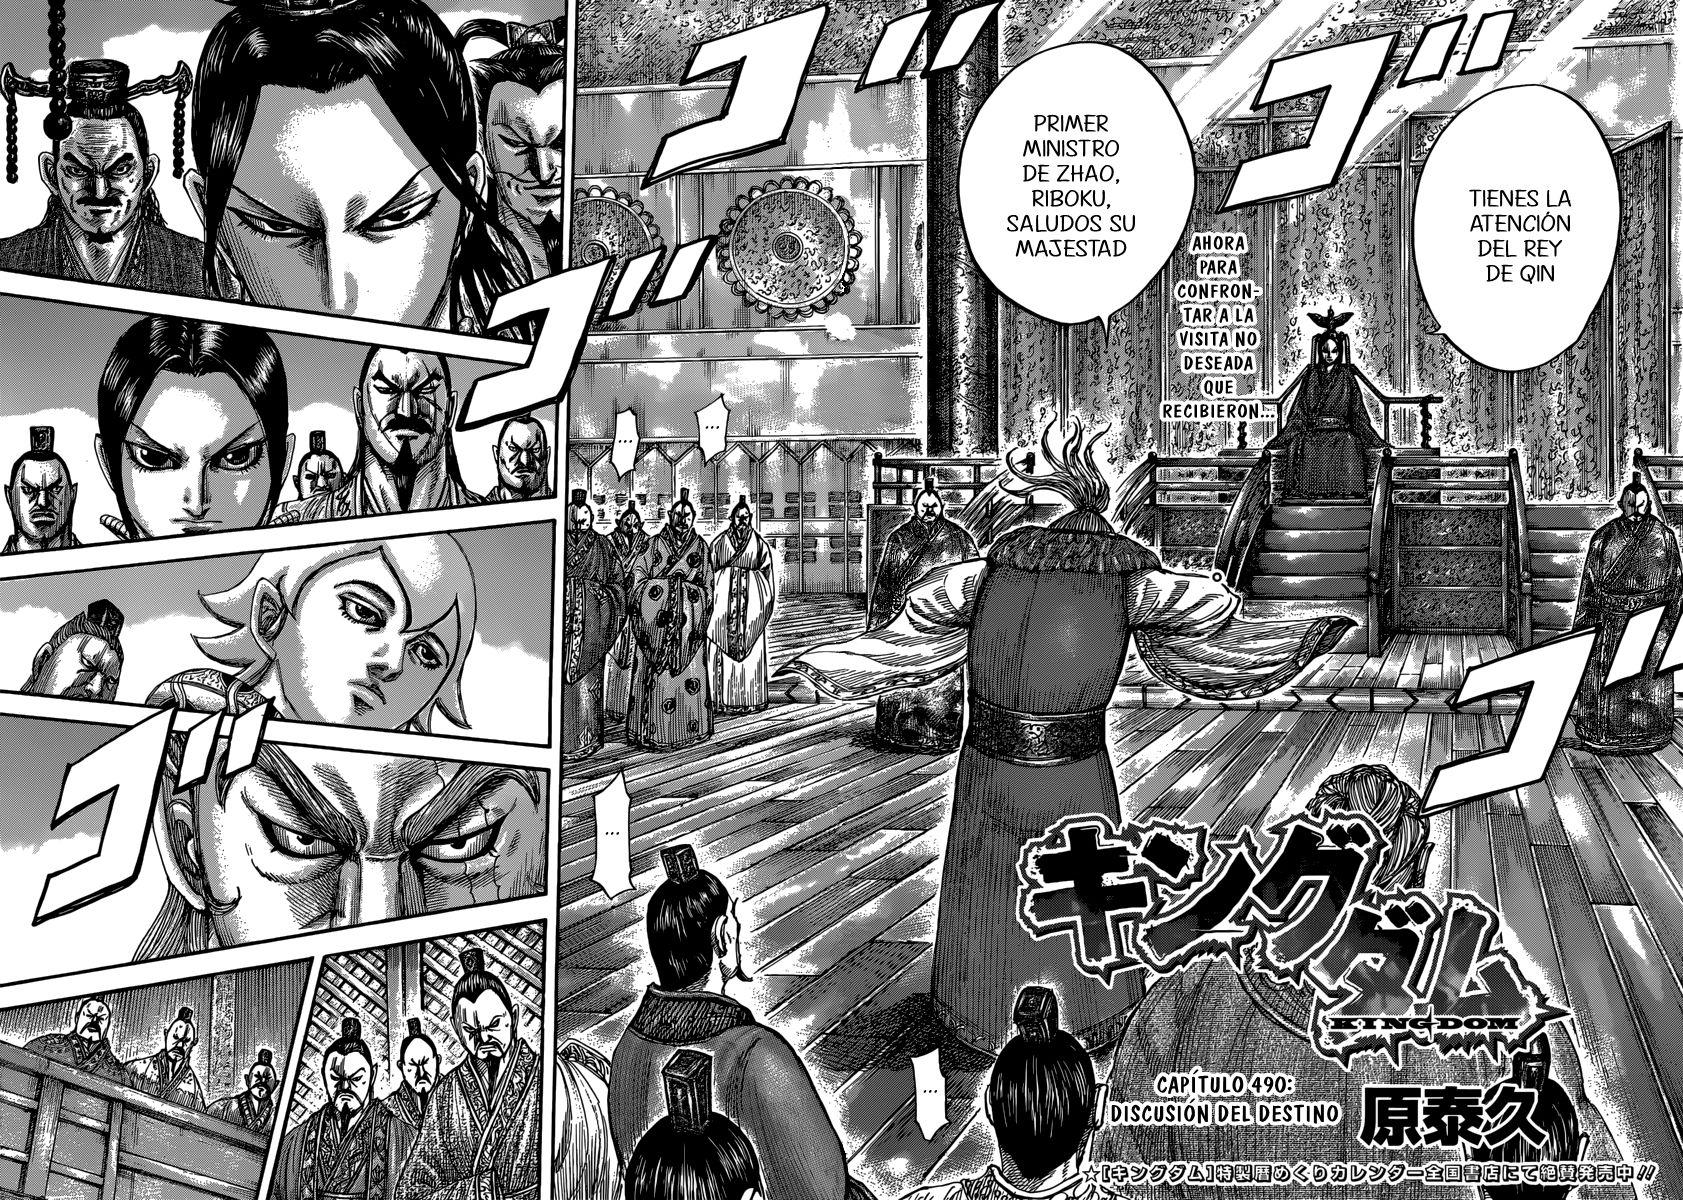 http://c5.ninemanga.com/es_manga/pic2/19/12307/506743/7d964f75ca6668a156f2c950eac58e59.jpg Page 4